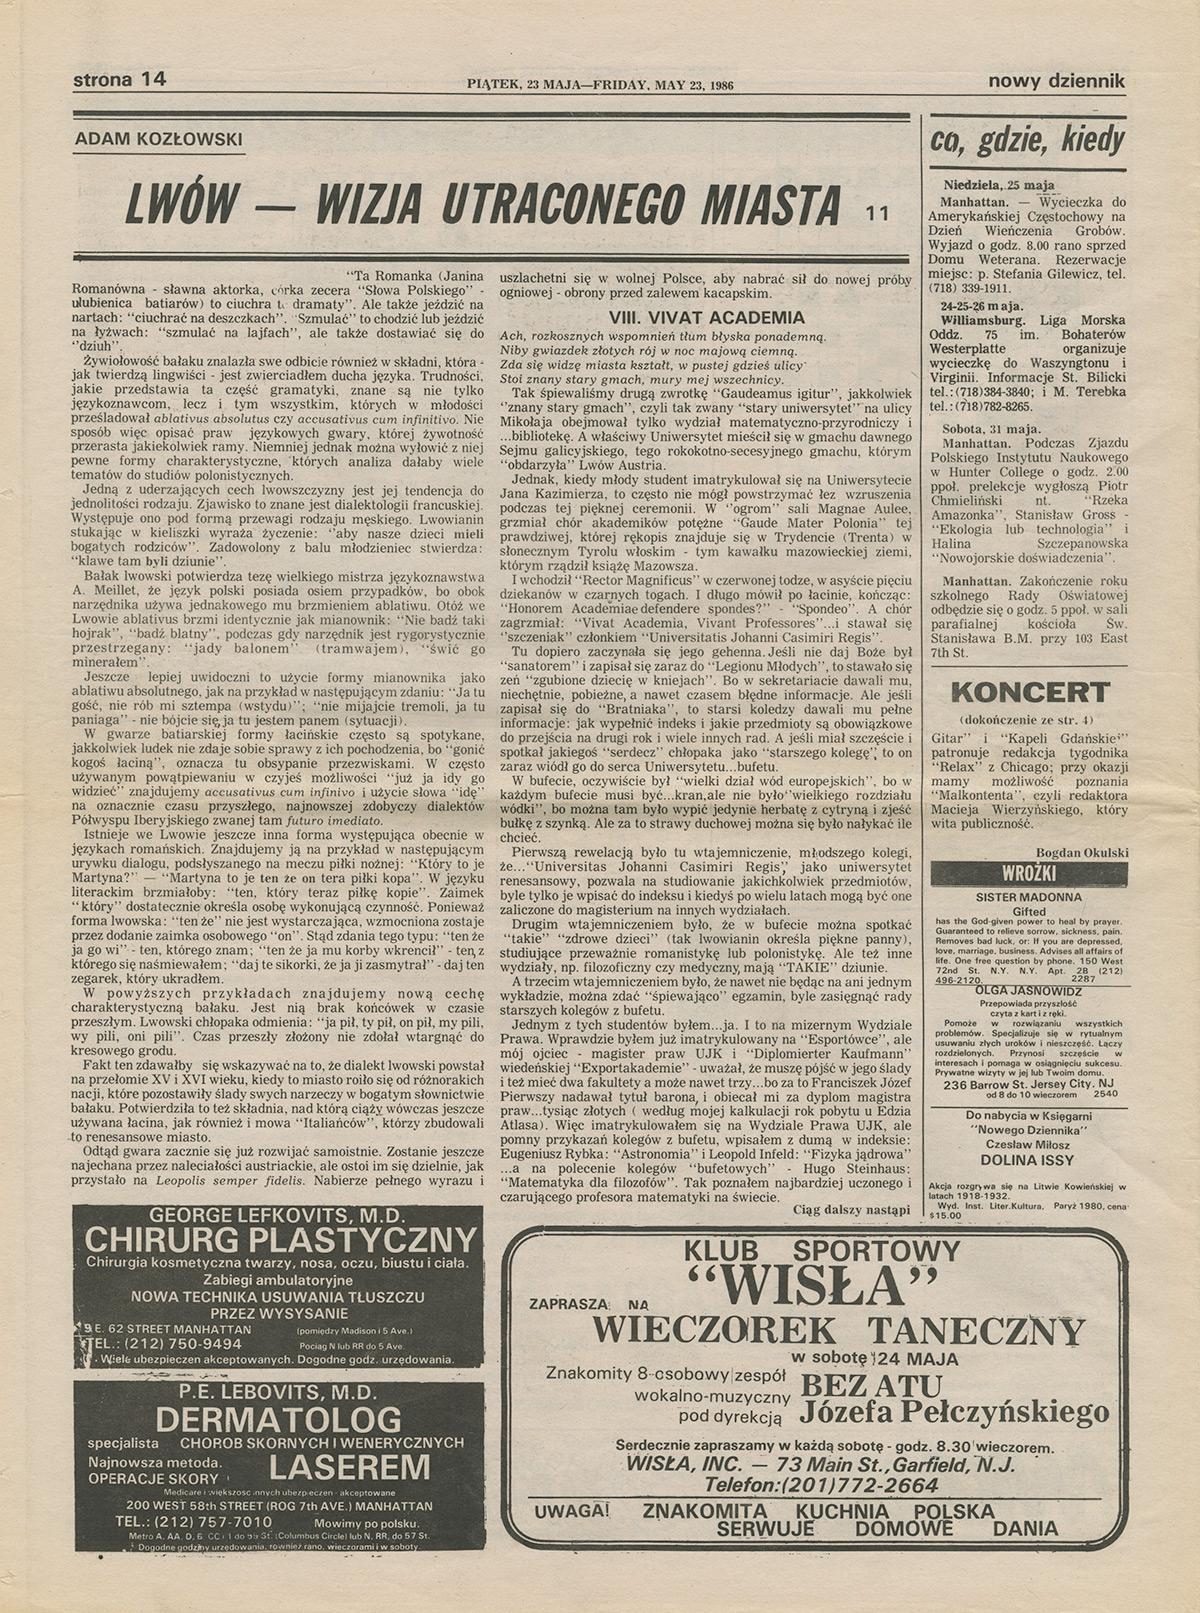 1979-1990_Nowy_Dziennik_1986_ostatni_koncert_sezonu_02